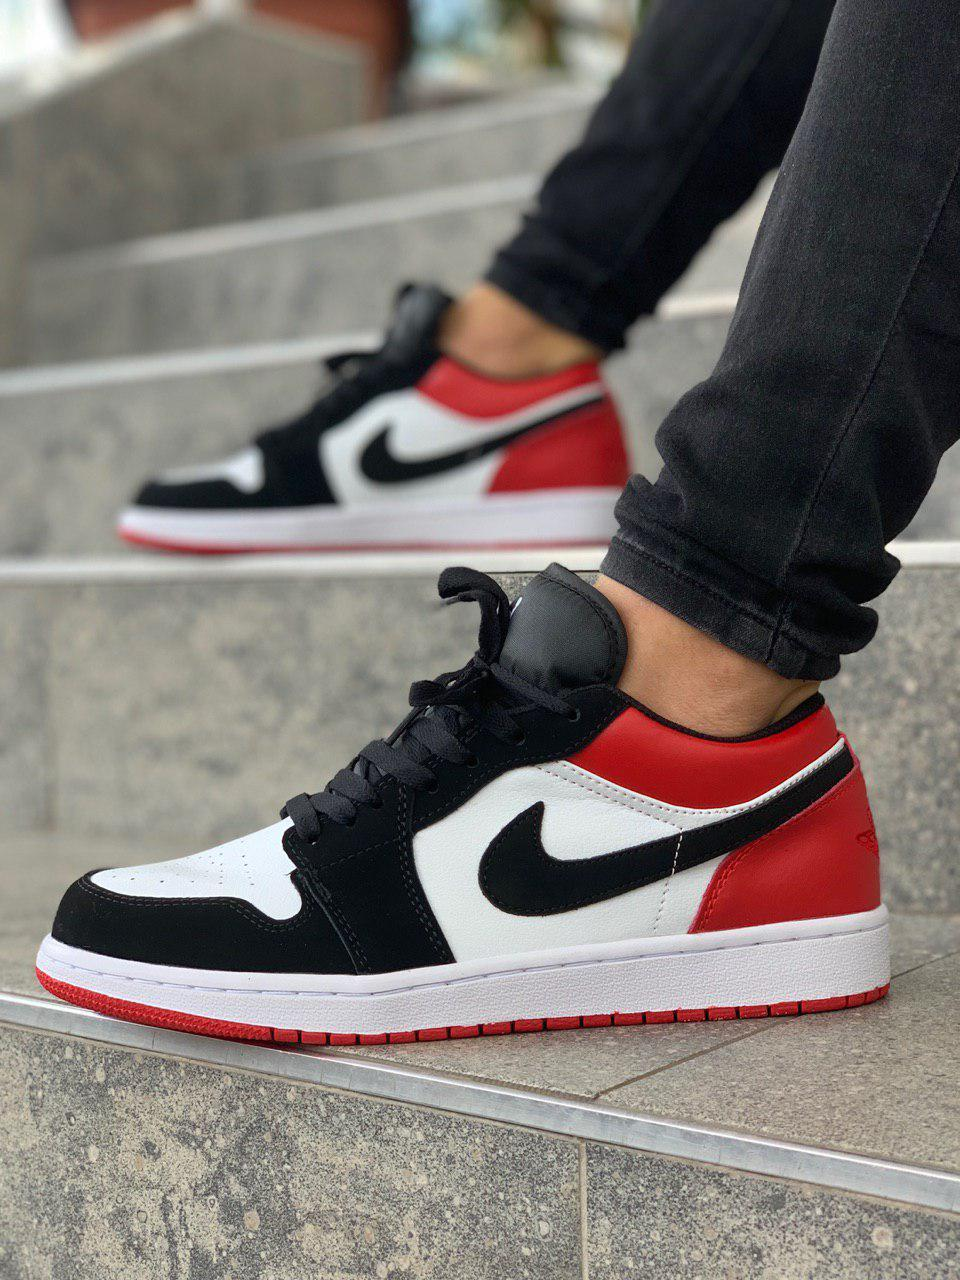 Чоловічі кросівки Nike Air Jordan 1 Retro Low, Репліка